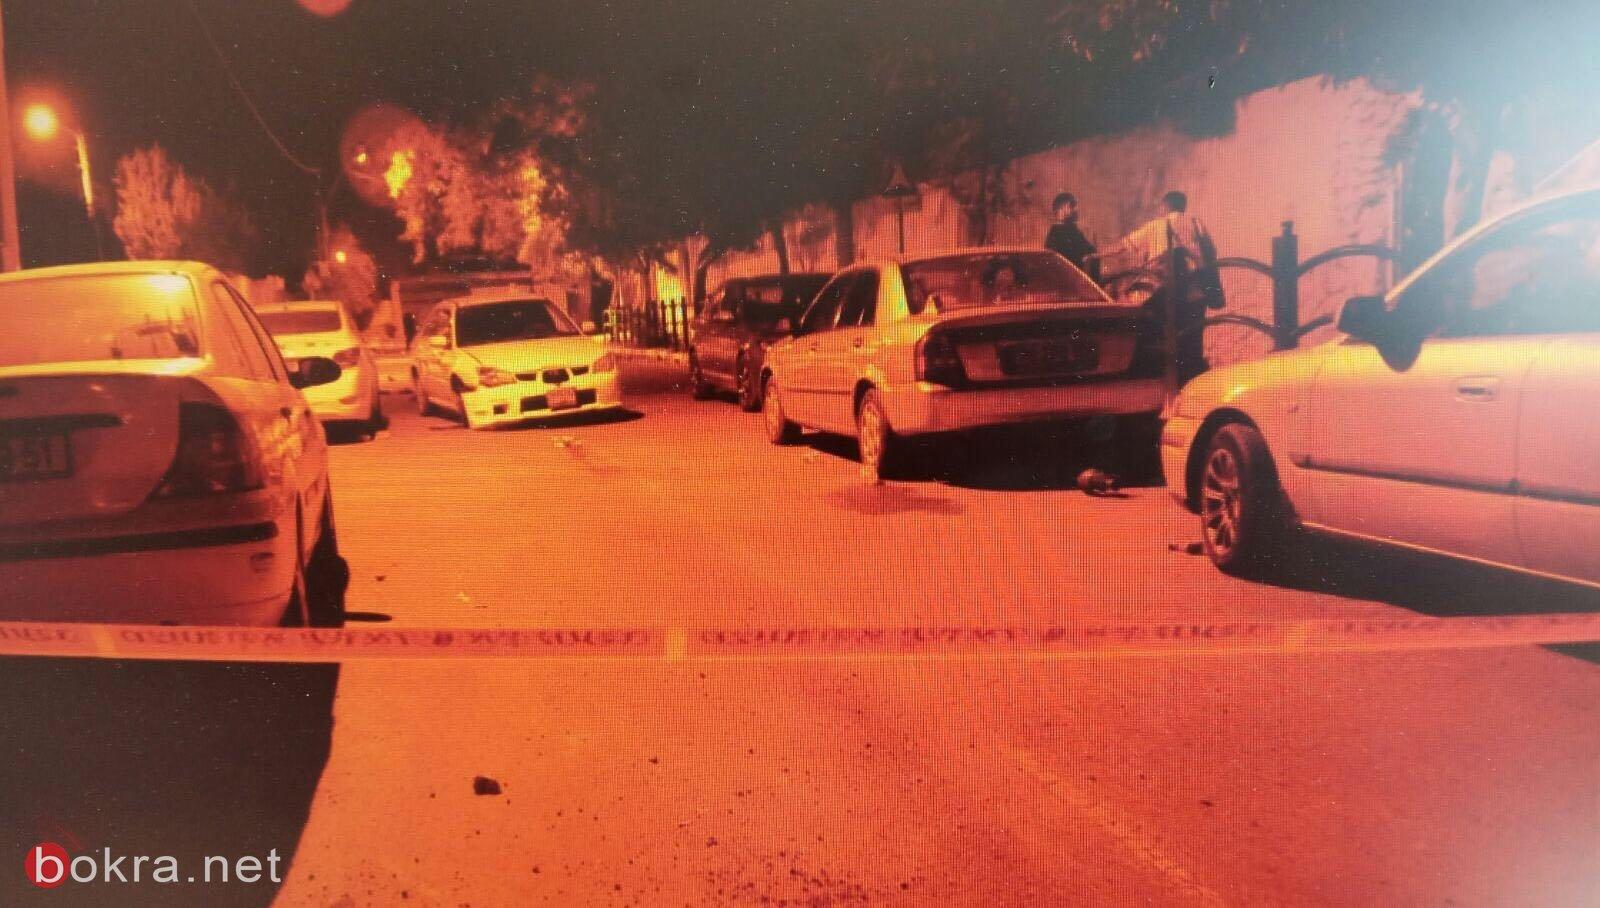 النقب: تقديم لائحة اتهام بملف مقتل فخري ابو طه